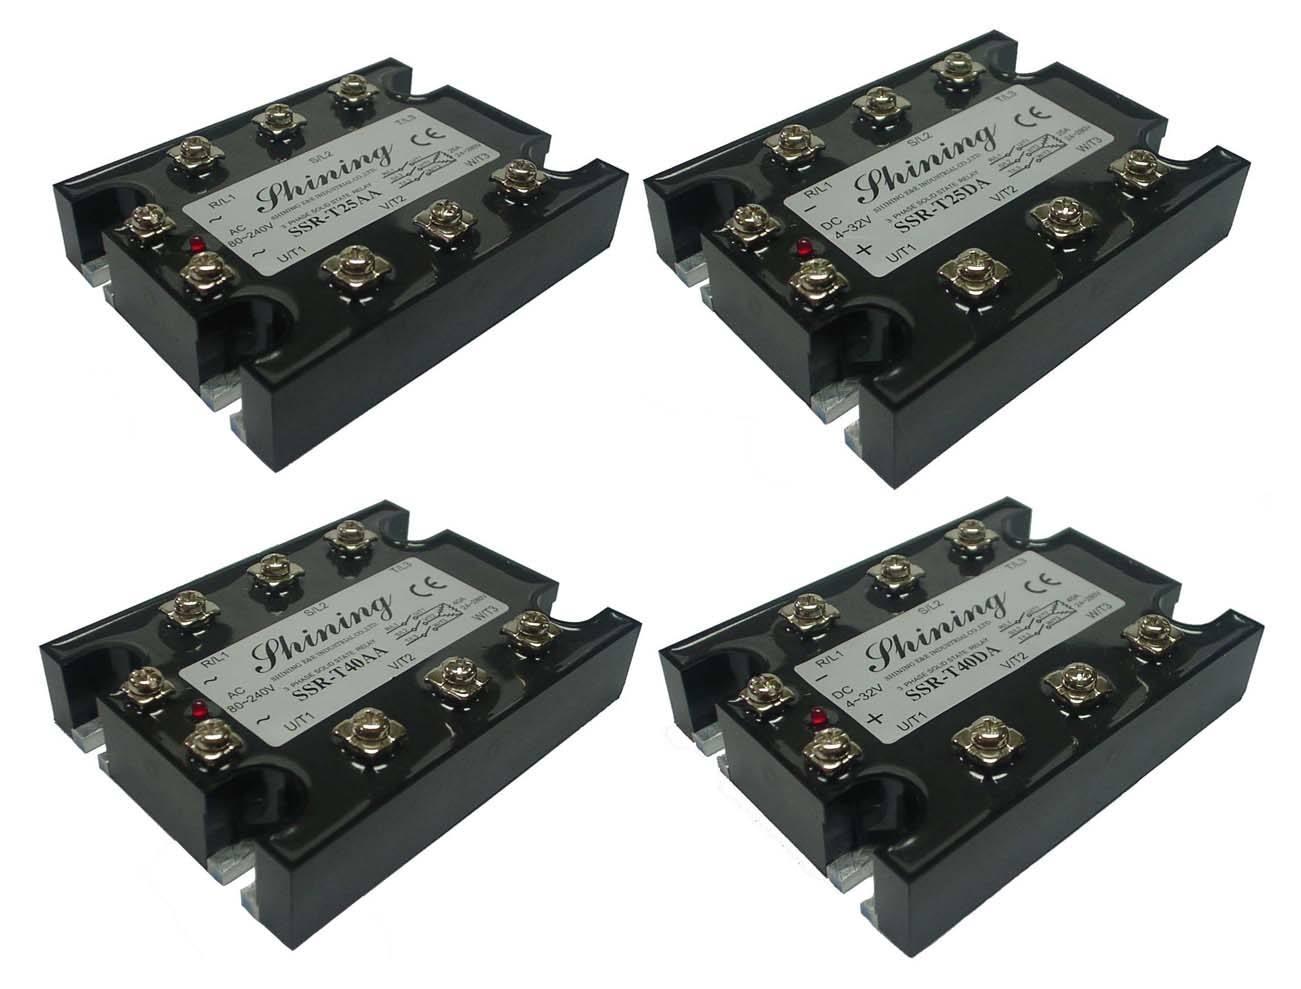 三相固态继电器 - 三相固态继电器